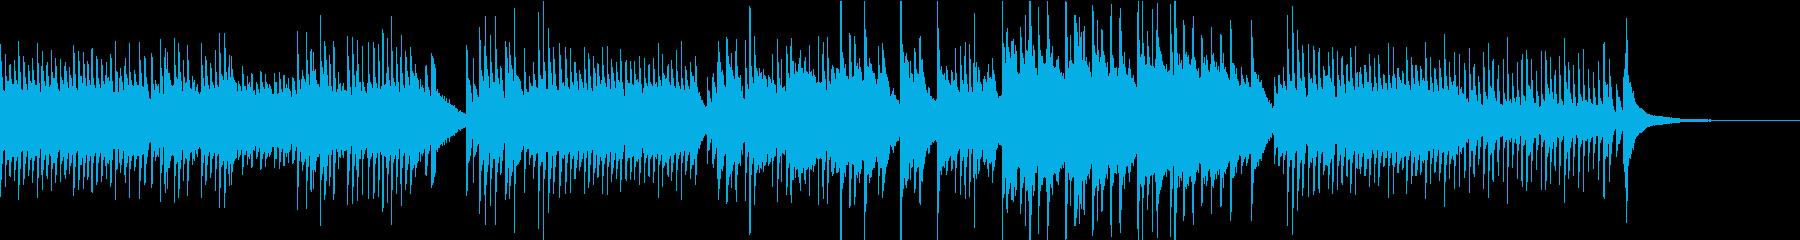 ピアノ/やさしい/シンプル/朝日/光の再生済みの波形